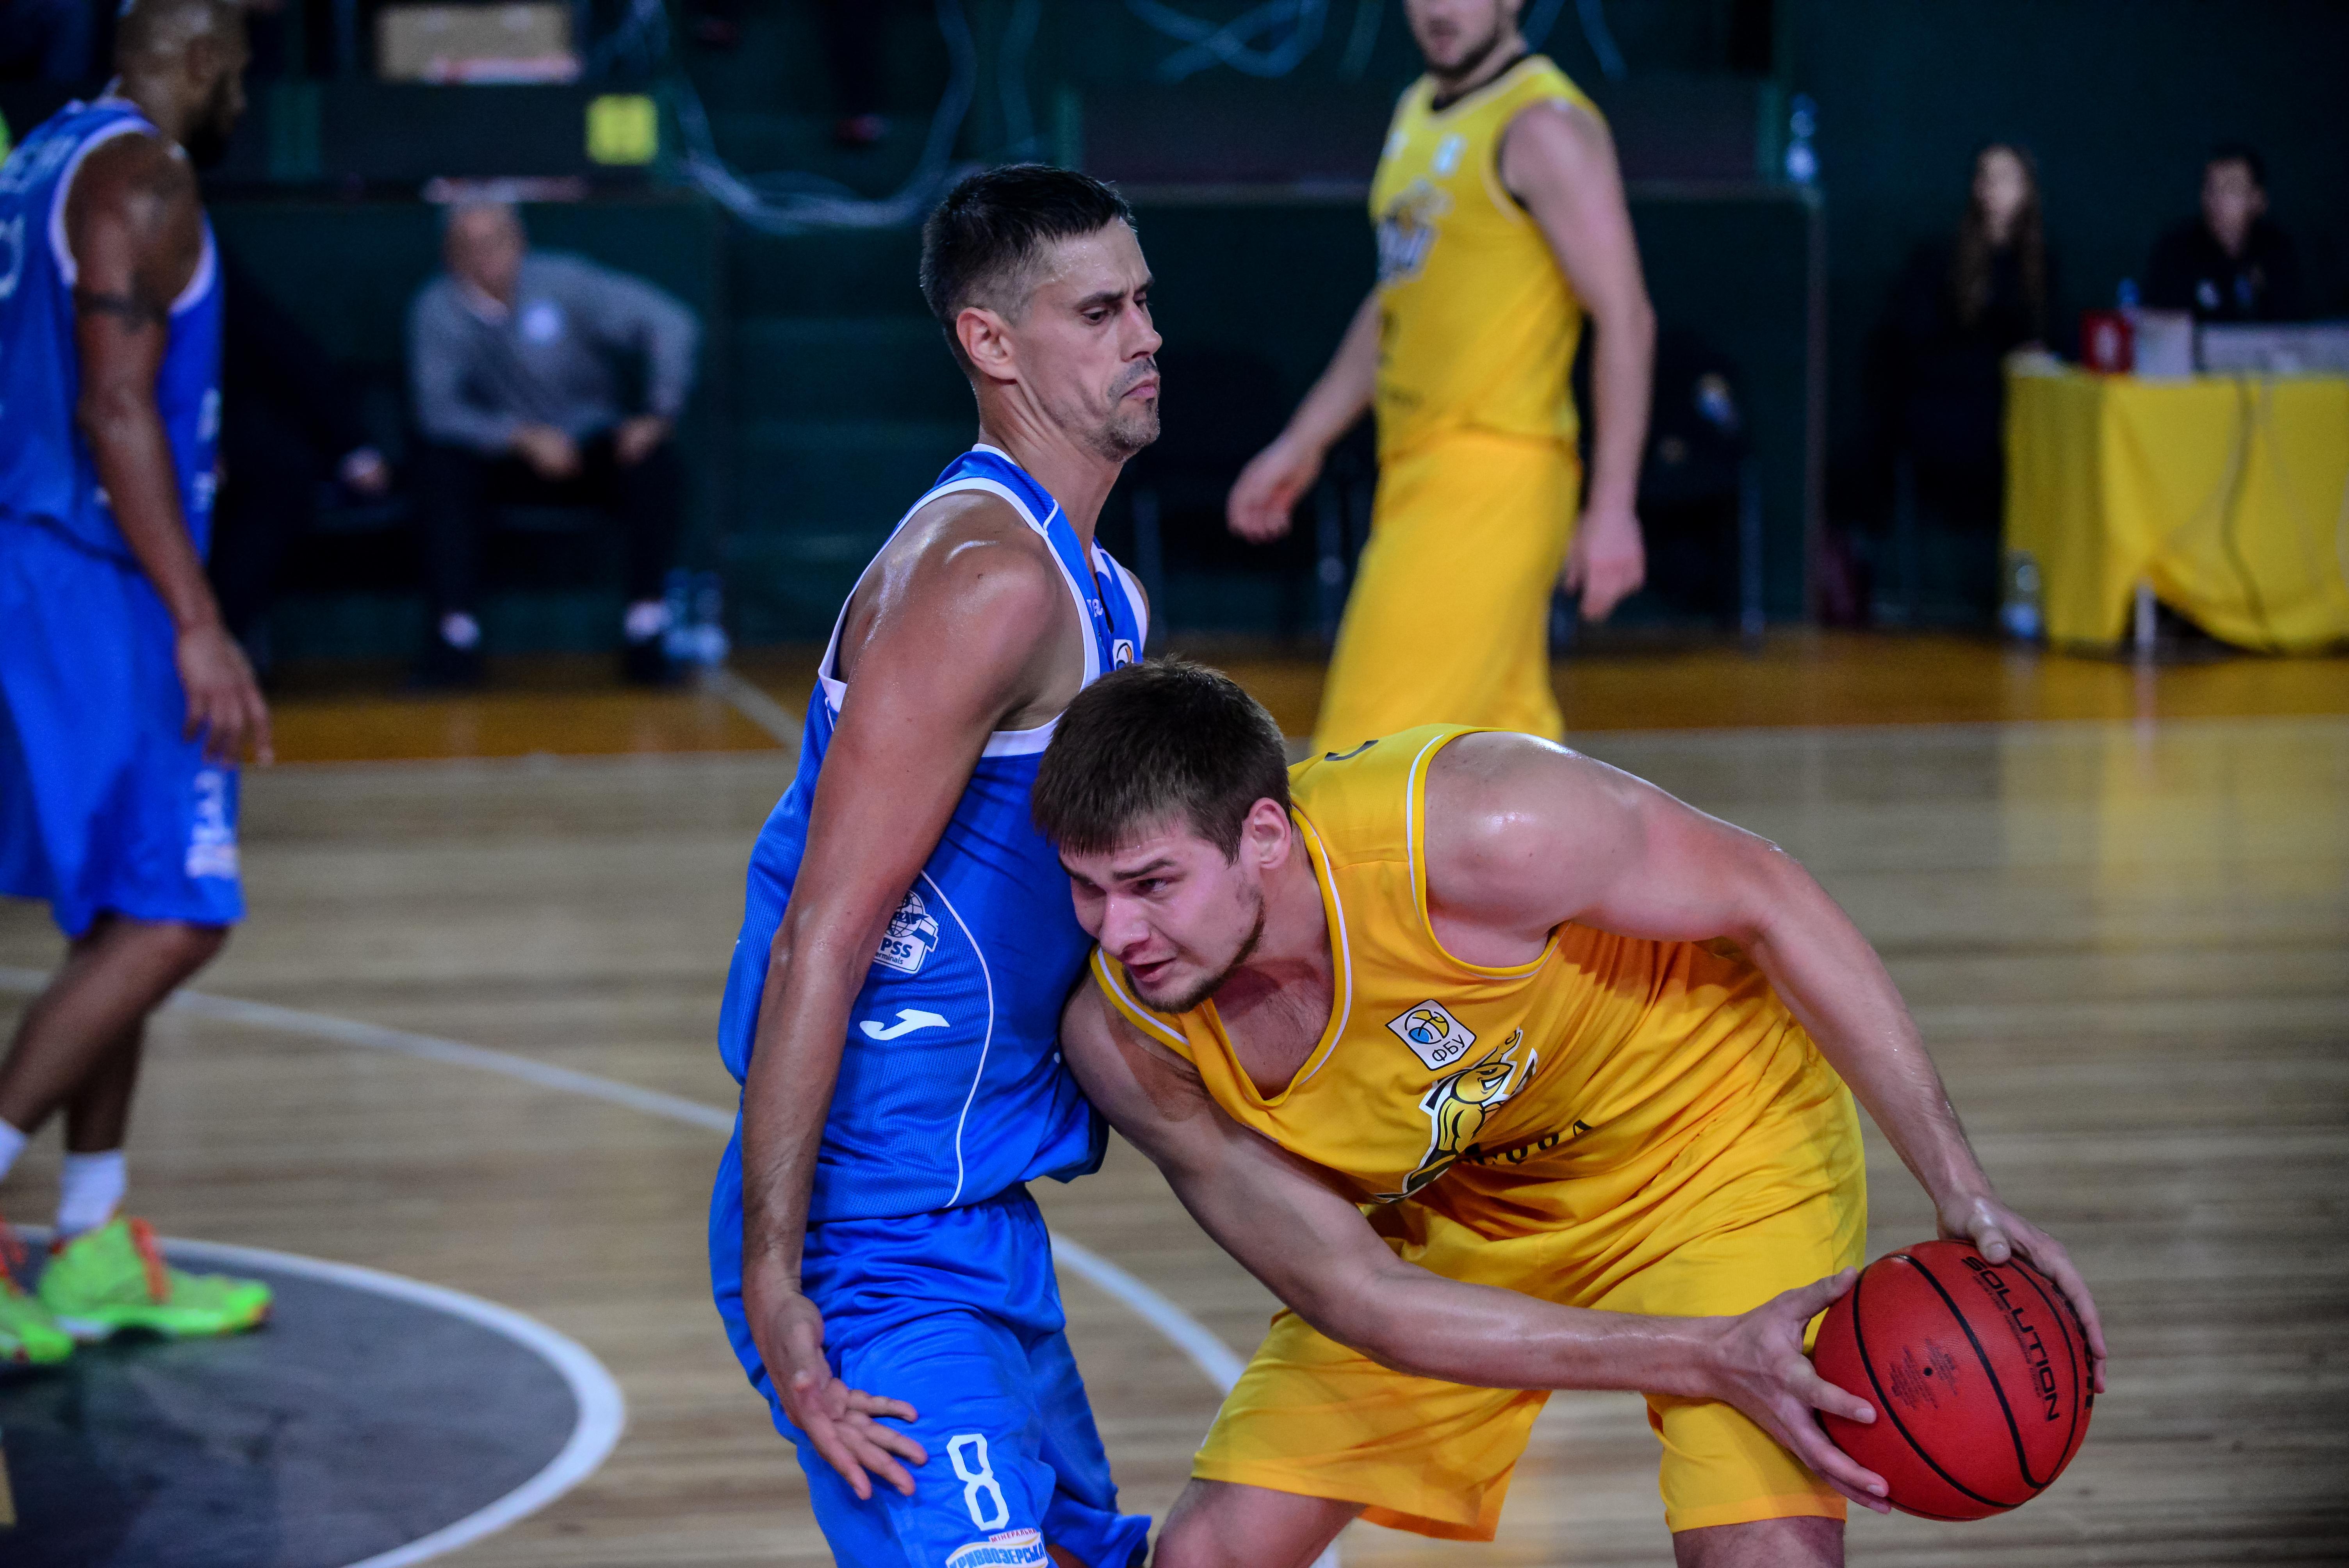 Київ-Баскет відривається від Миколаєва у турнірній таблиці